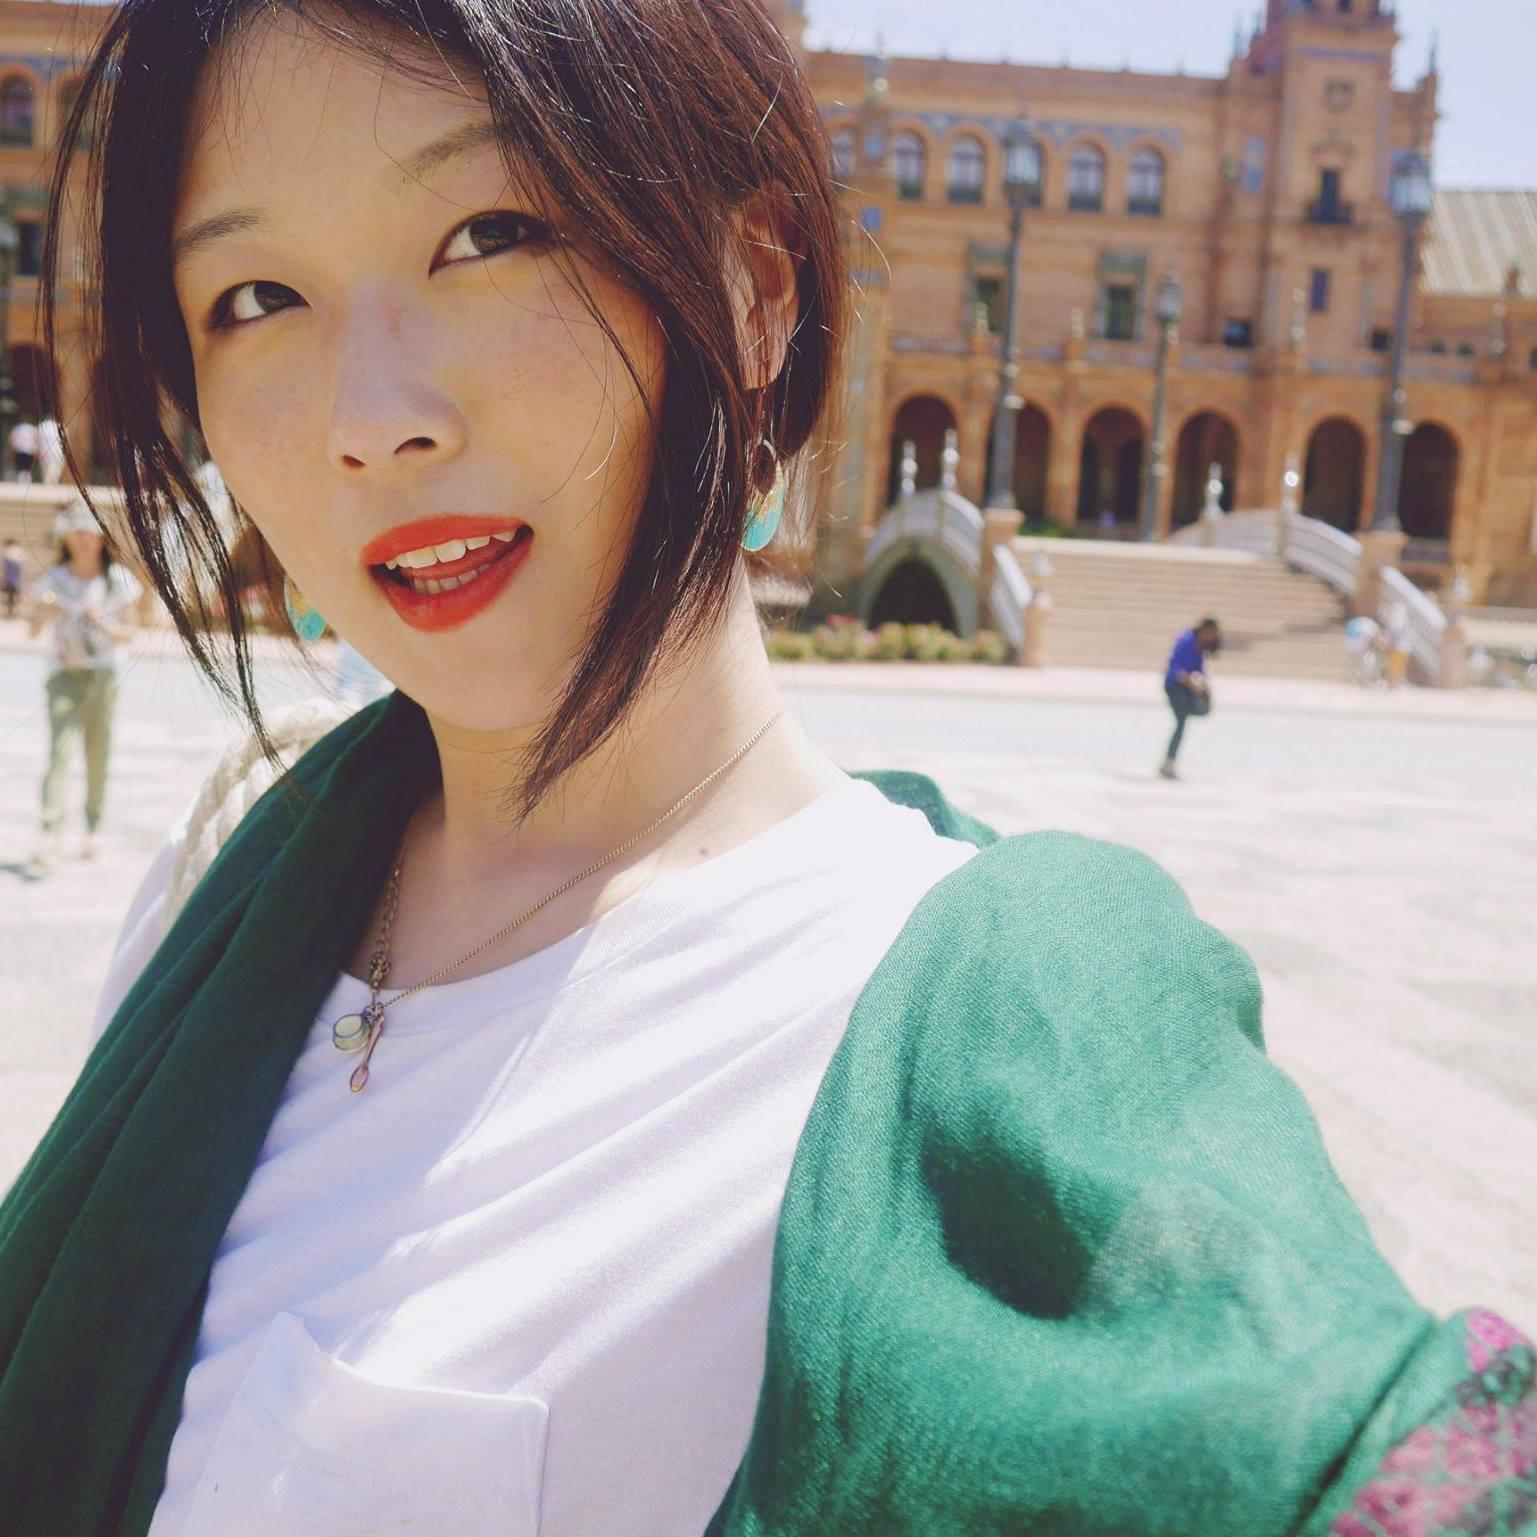 Boram Choi